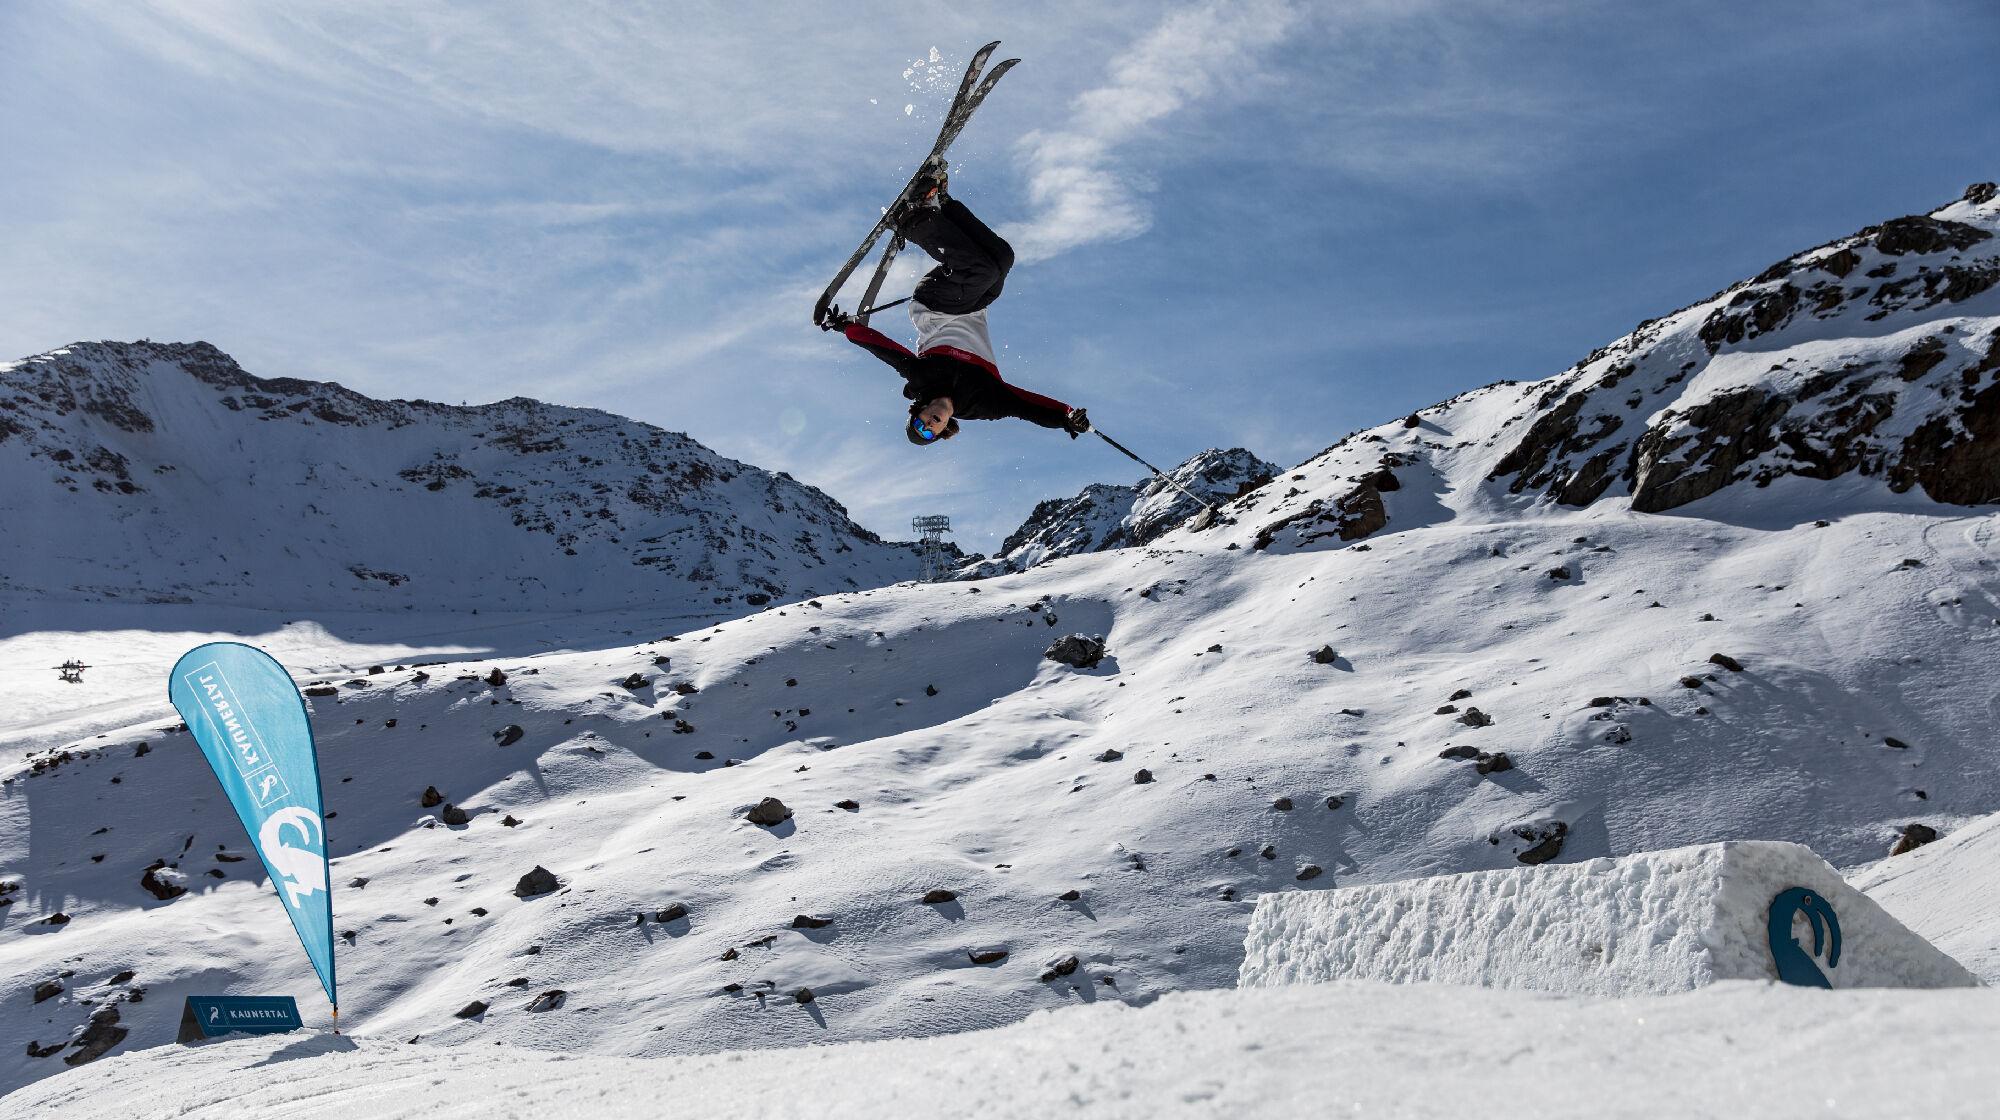 #naturerun kicker im Snowpark Kaunertal